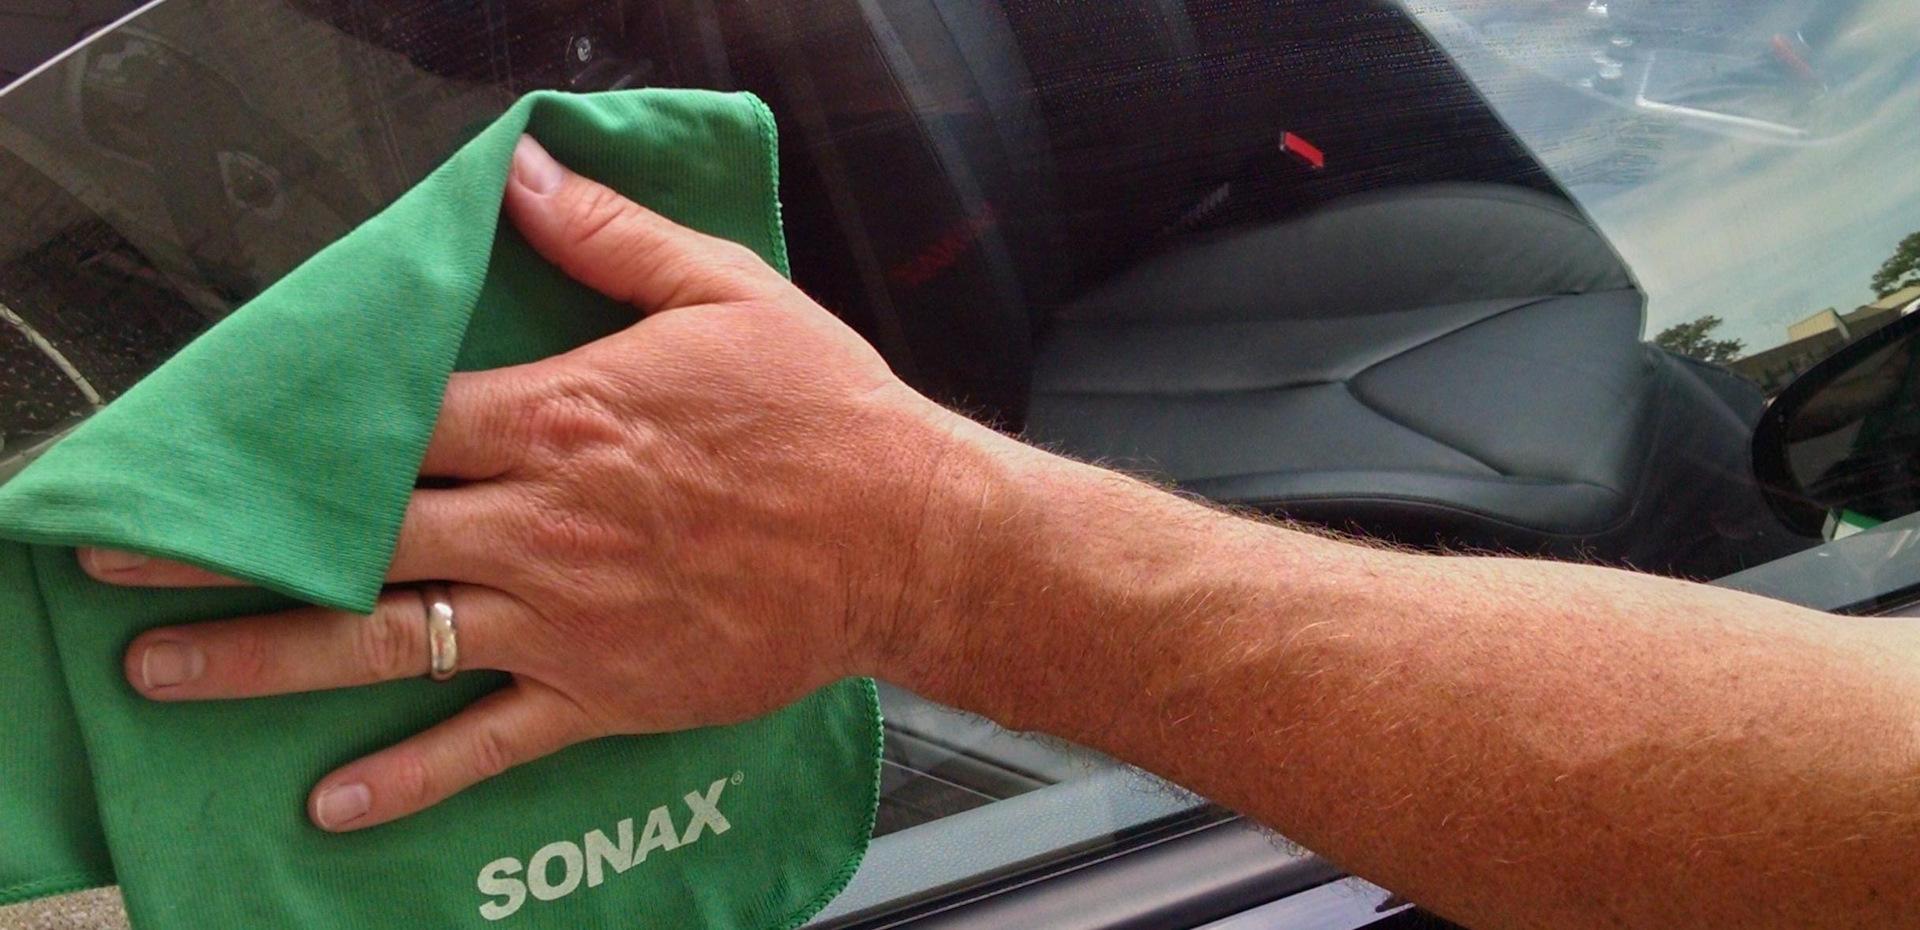 Как отполировать лобовое стекло своими руками без машинки фото 209